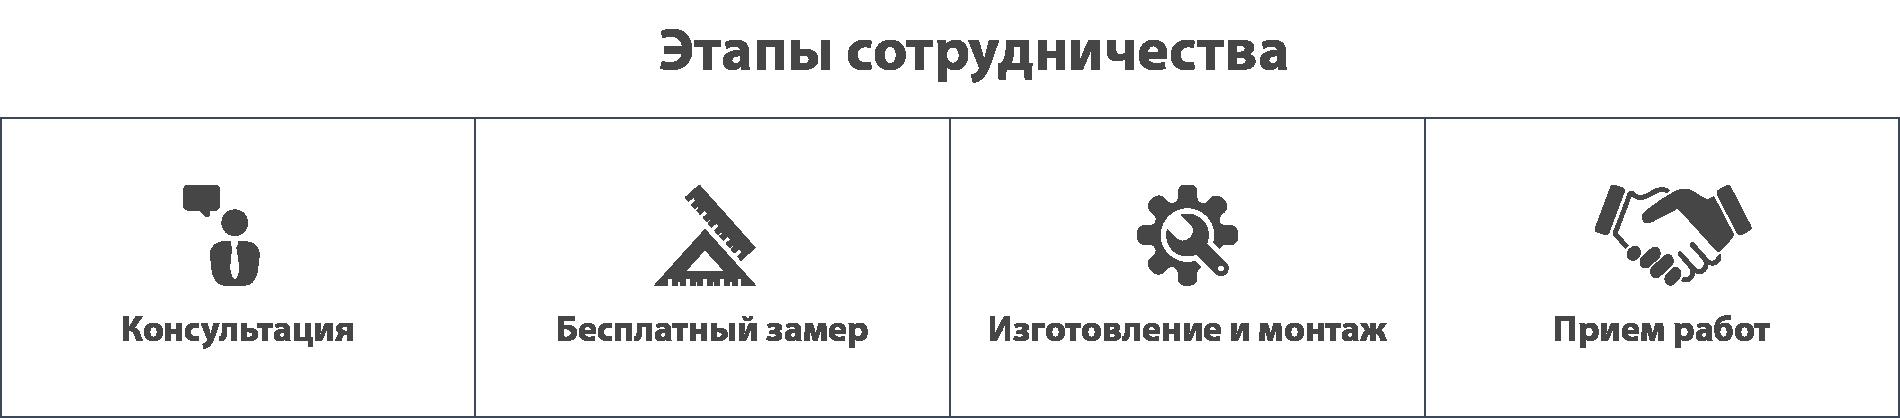 Отделка балкново Минск этапы сотрудничества